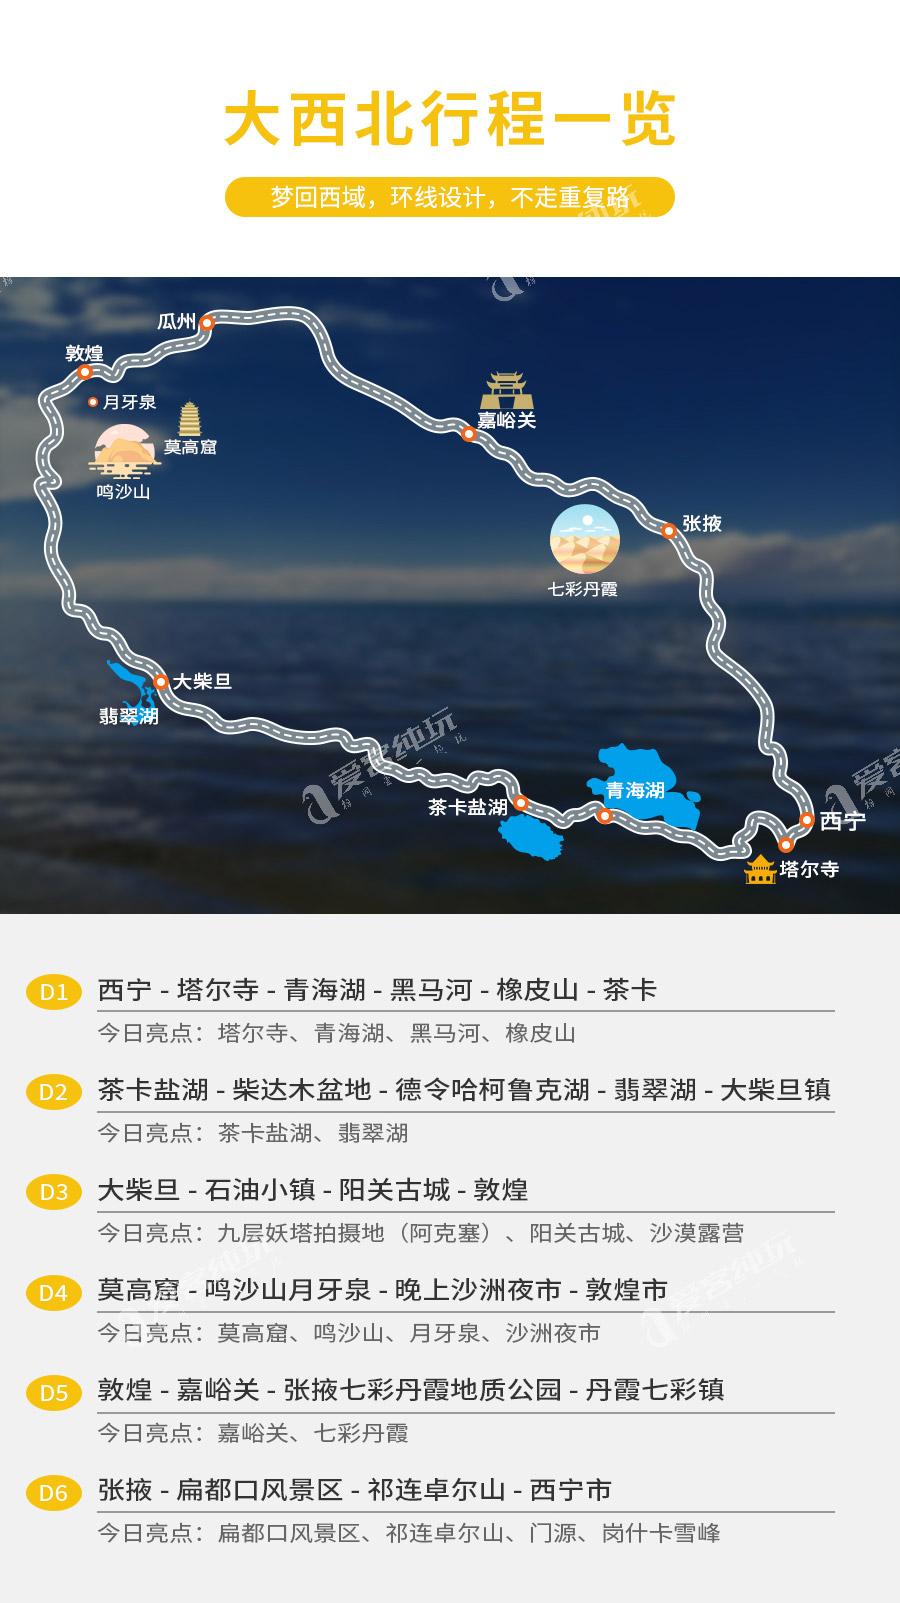 西北旅游拼车 (3)